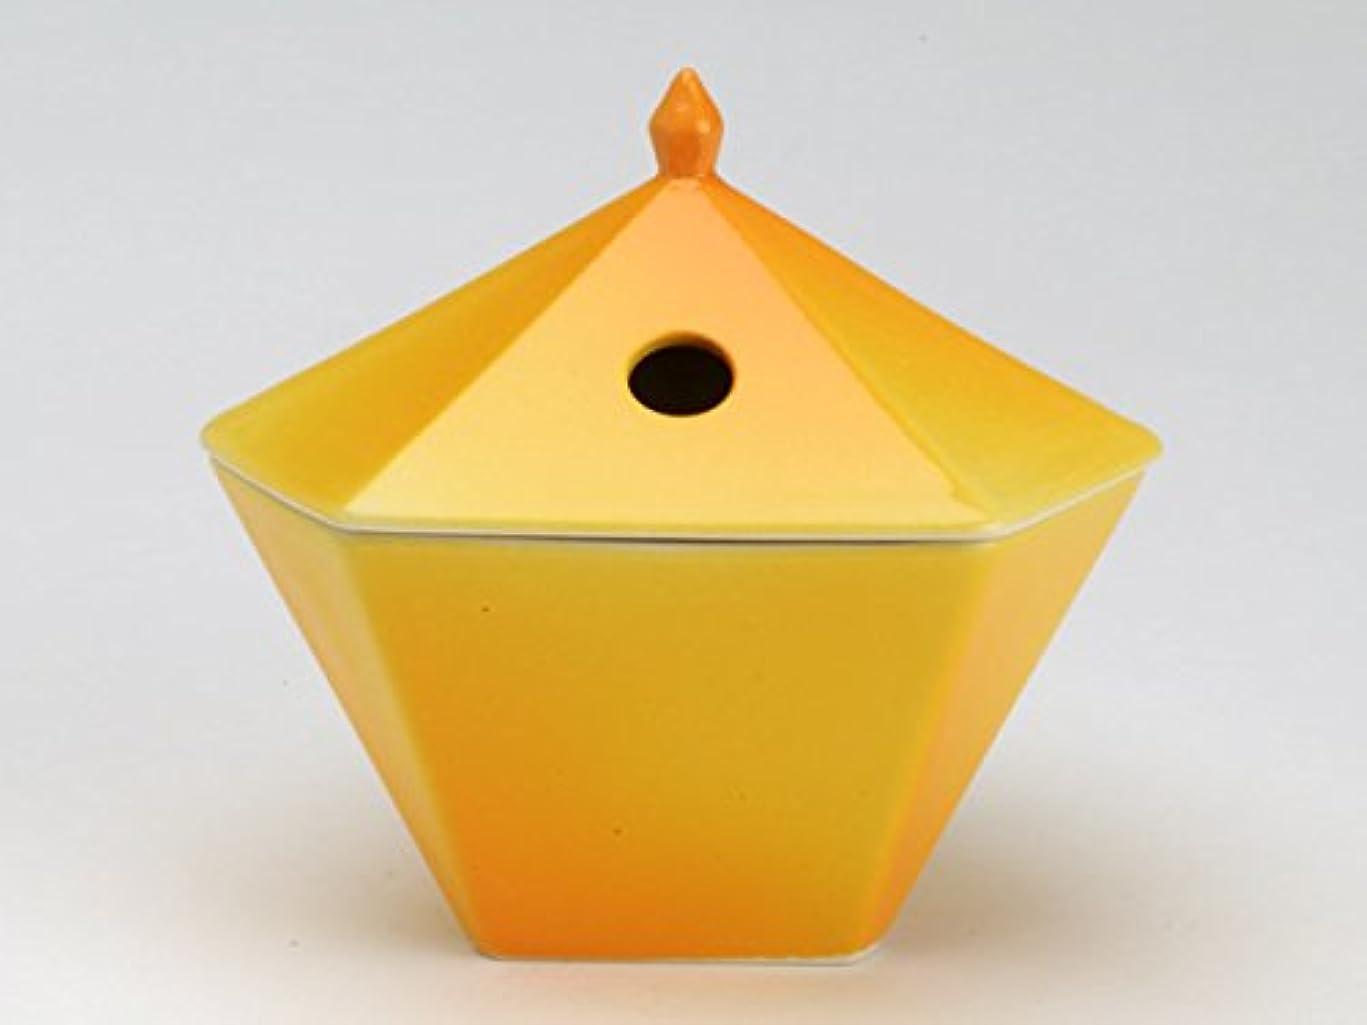 ピースゼリーいつか縁香炉 黄